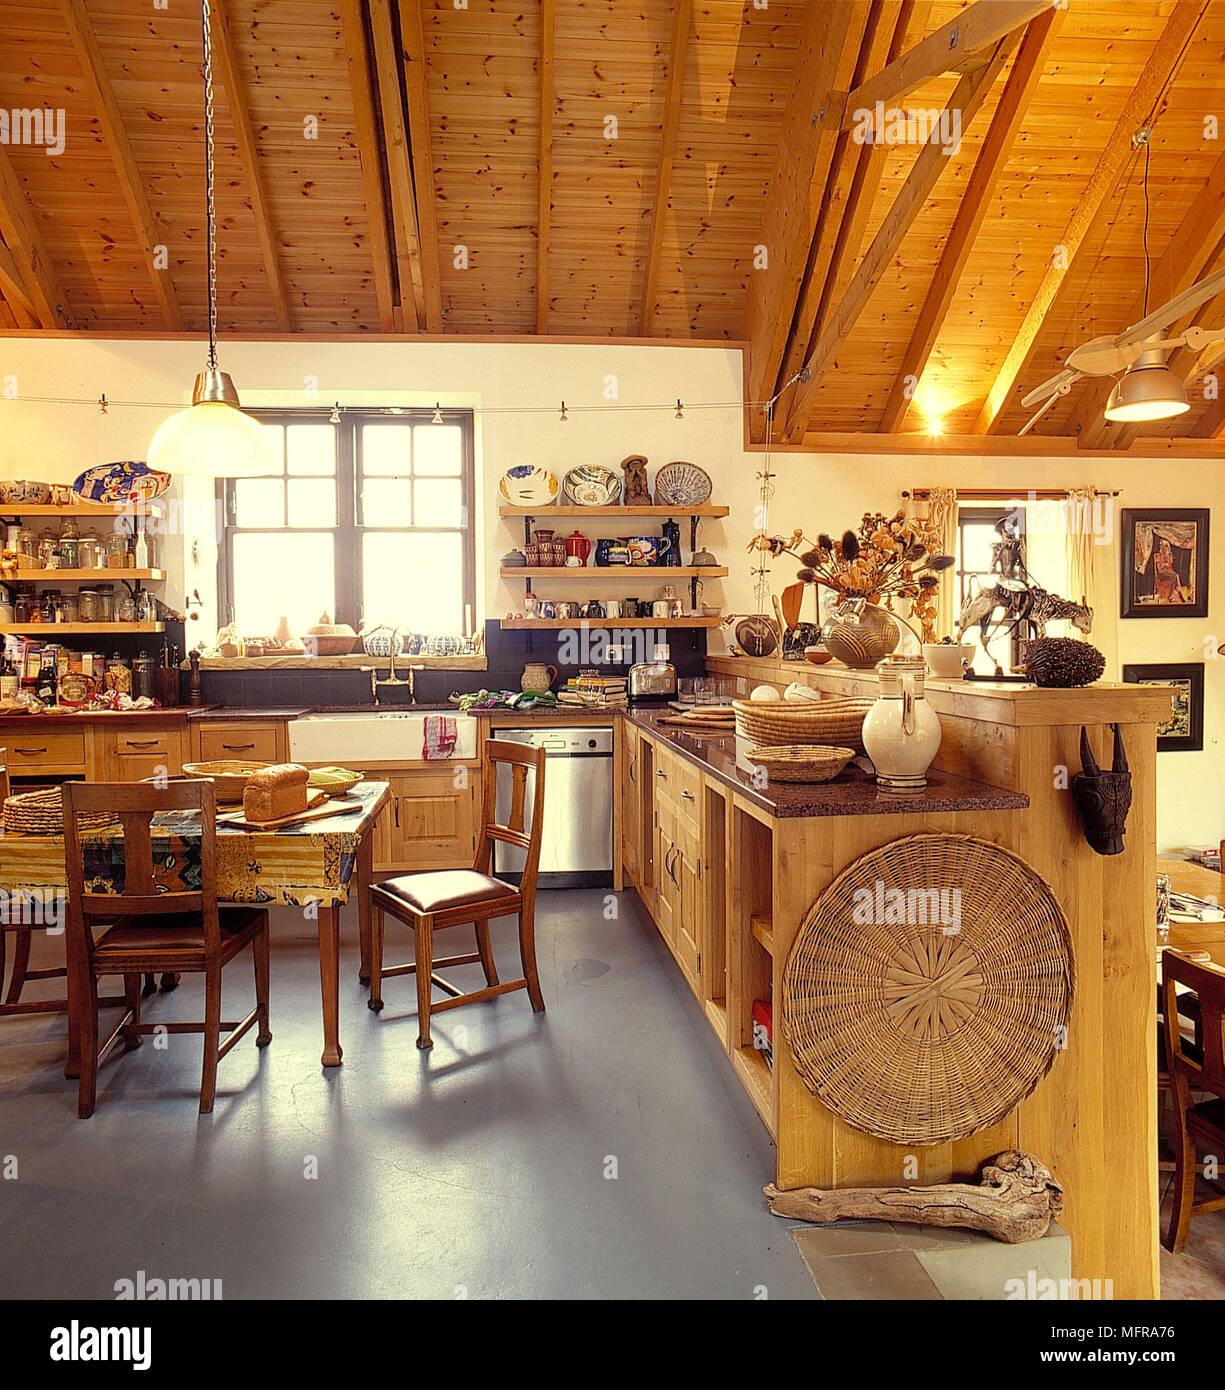 2 Ebenen Offene Land Küche In Scheune Neutrale Wand Schräge Decke Aus Holz  Einheiten Regale Tisch Stühle Weiß Belfast Waschbecken Küchenutensilien L